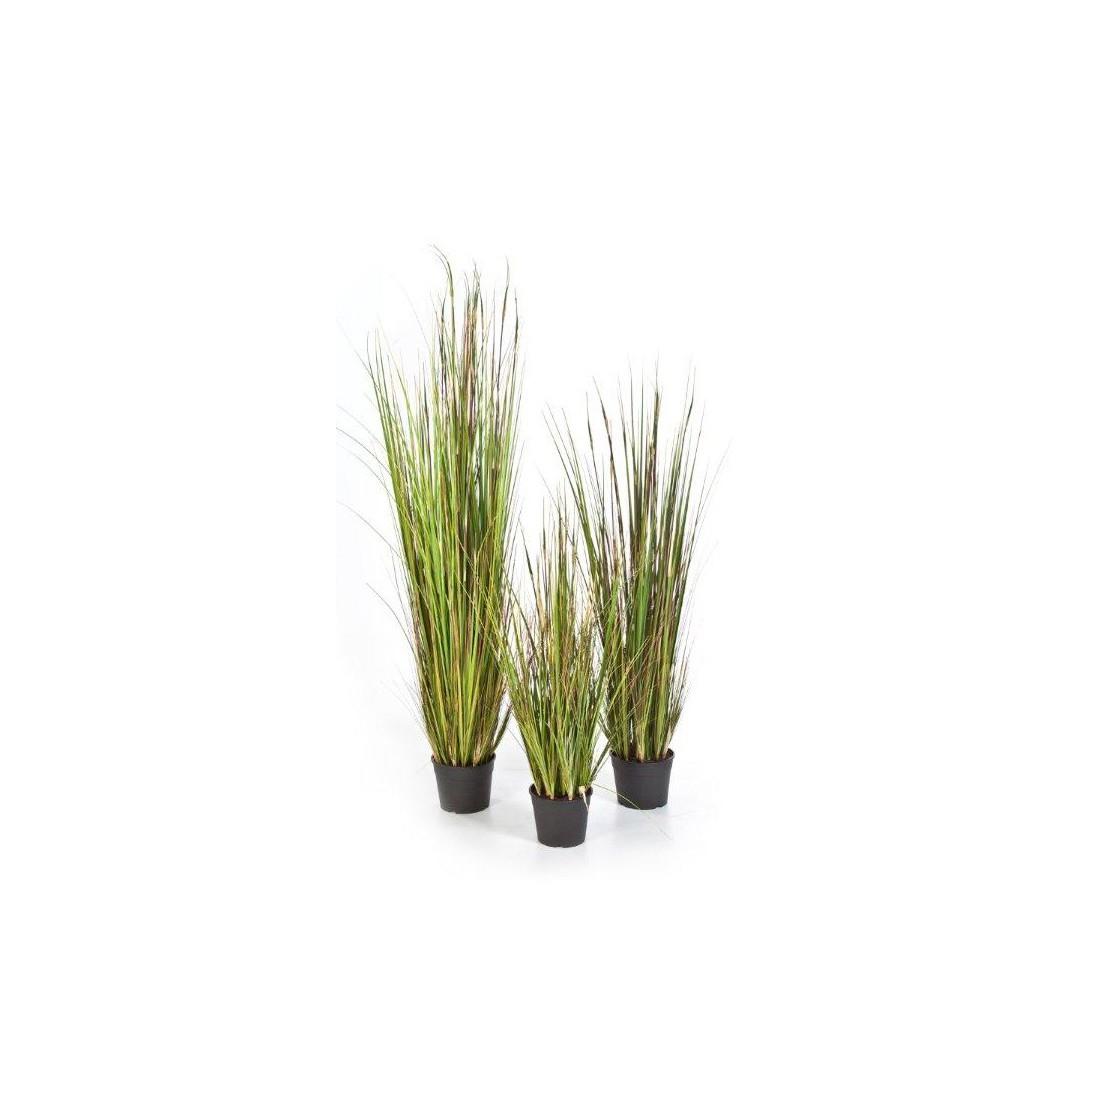 D co deco jardin avec tige de bambou boulogne billancourt 13 deco boulogne billancourt - Mobilier jardin hiver boulogne billancourt ...